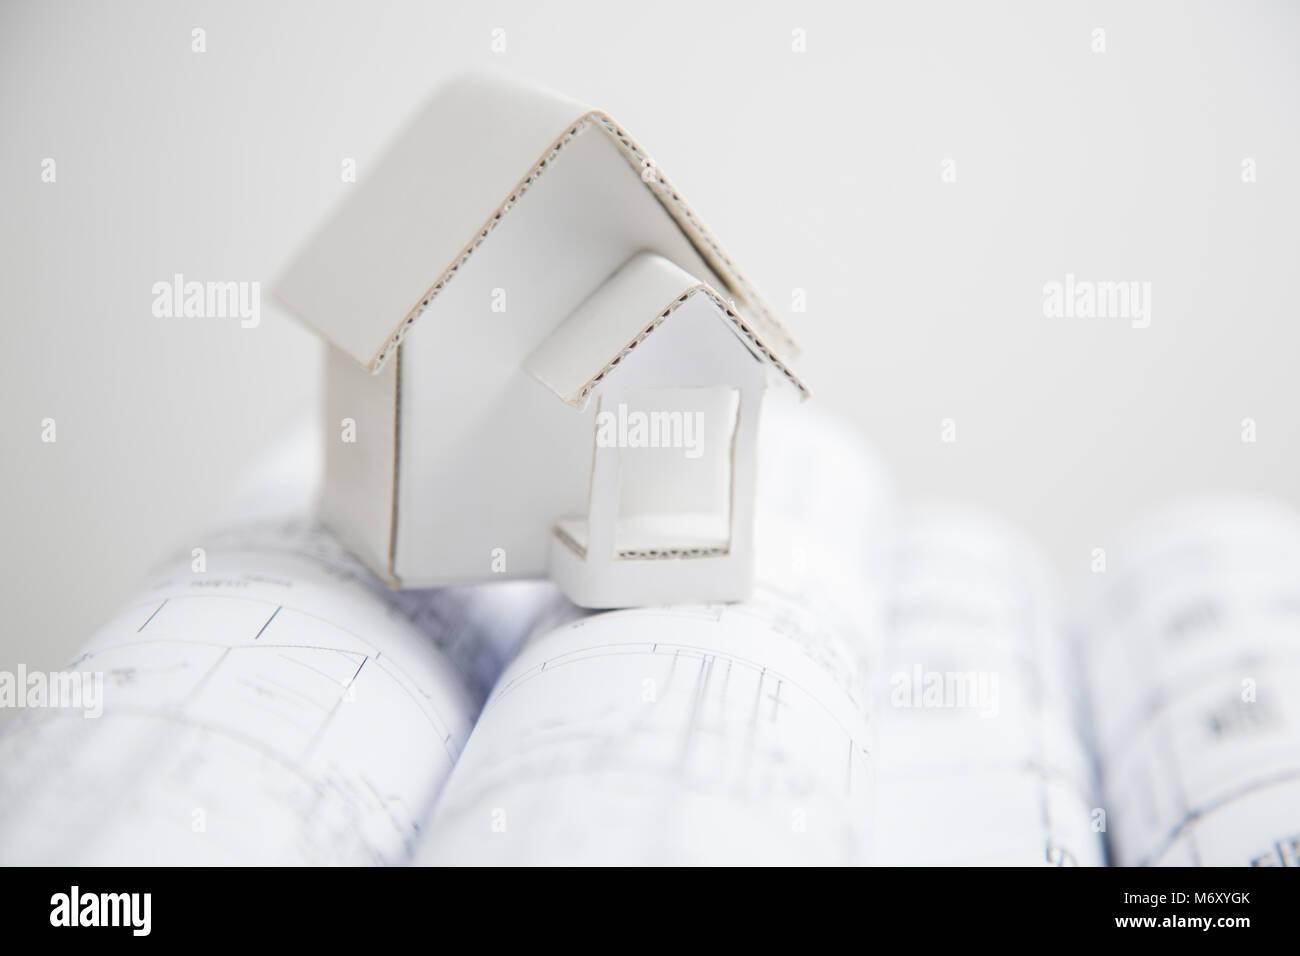 Papier Modell Haus auf einer Blaupause. Stockbild